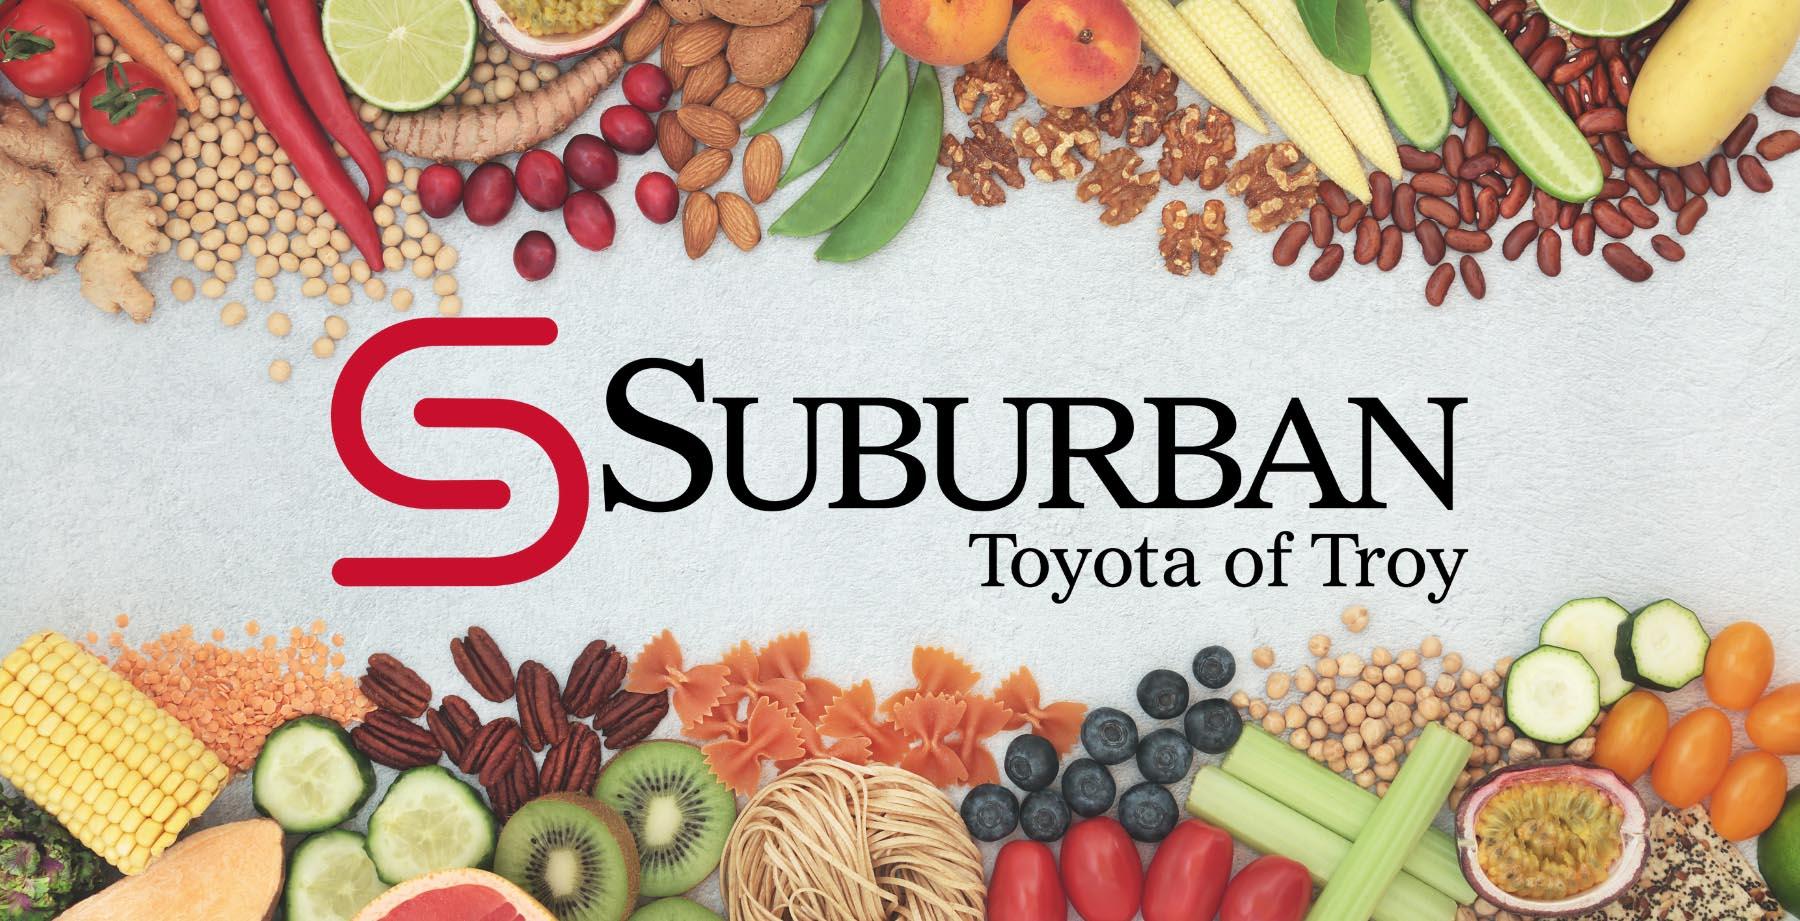 Suburban Toyota Troy